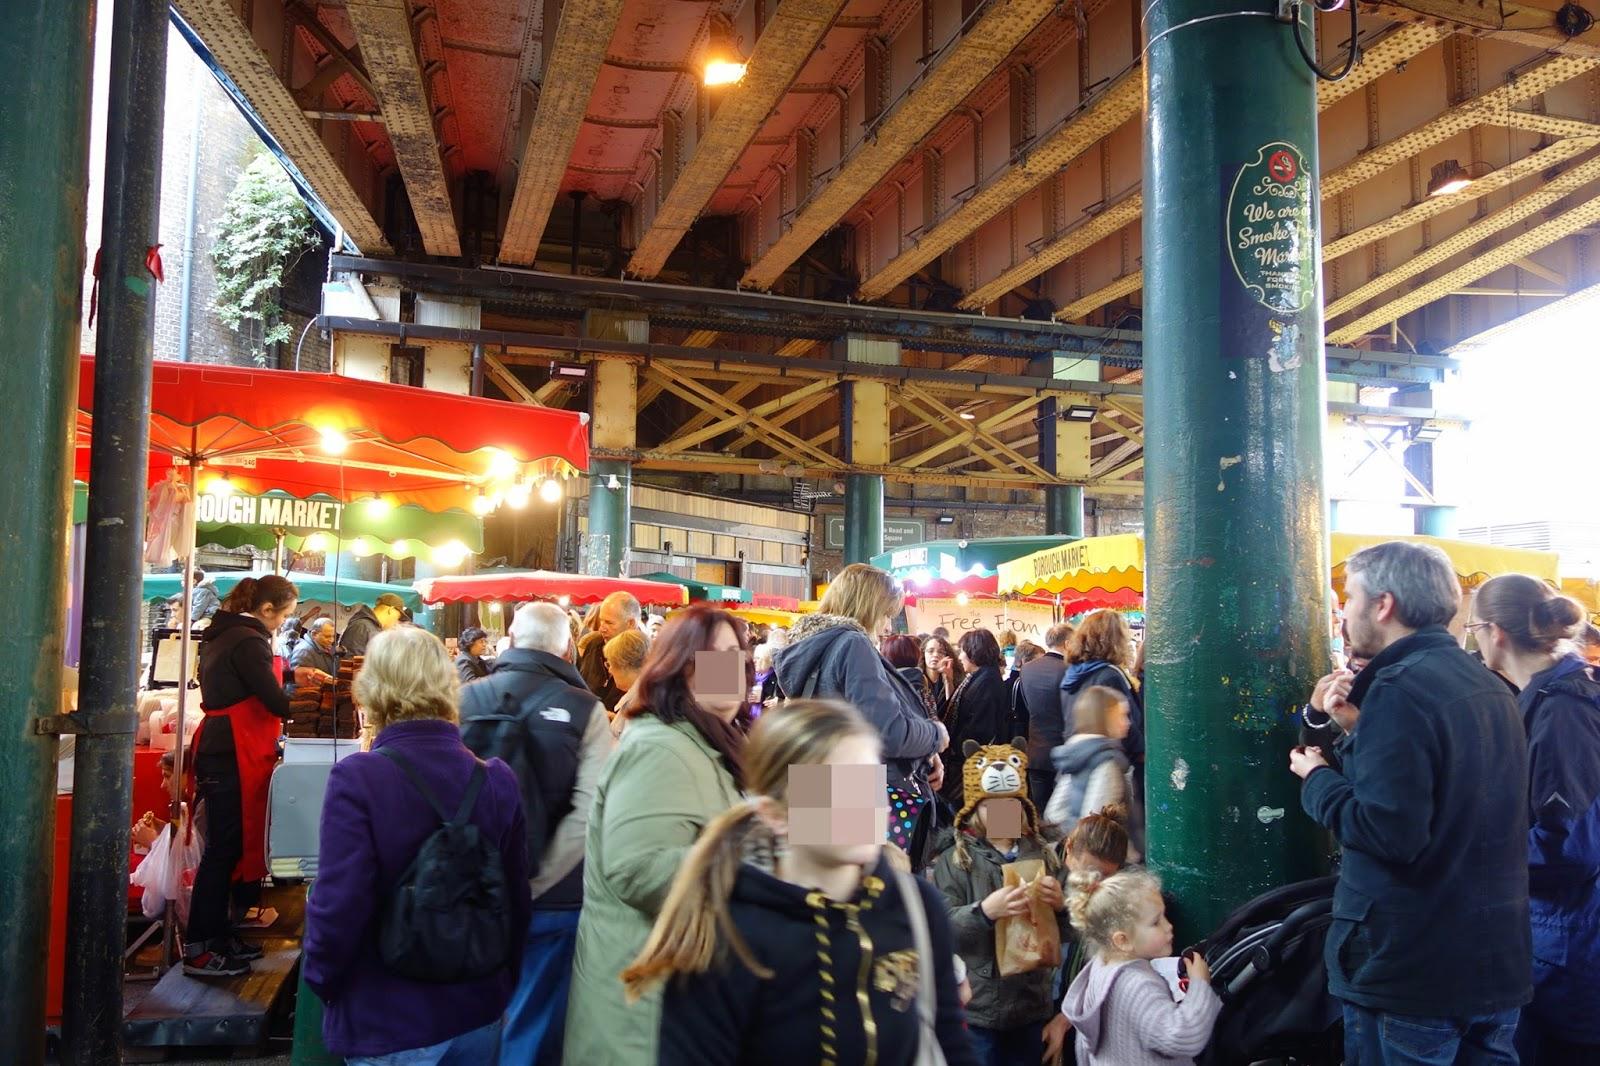 *: 英國倫敦 最古老知名美食市集 Borough Market (波羅市集)